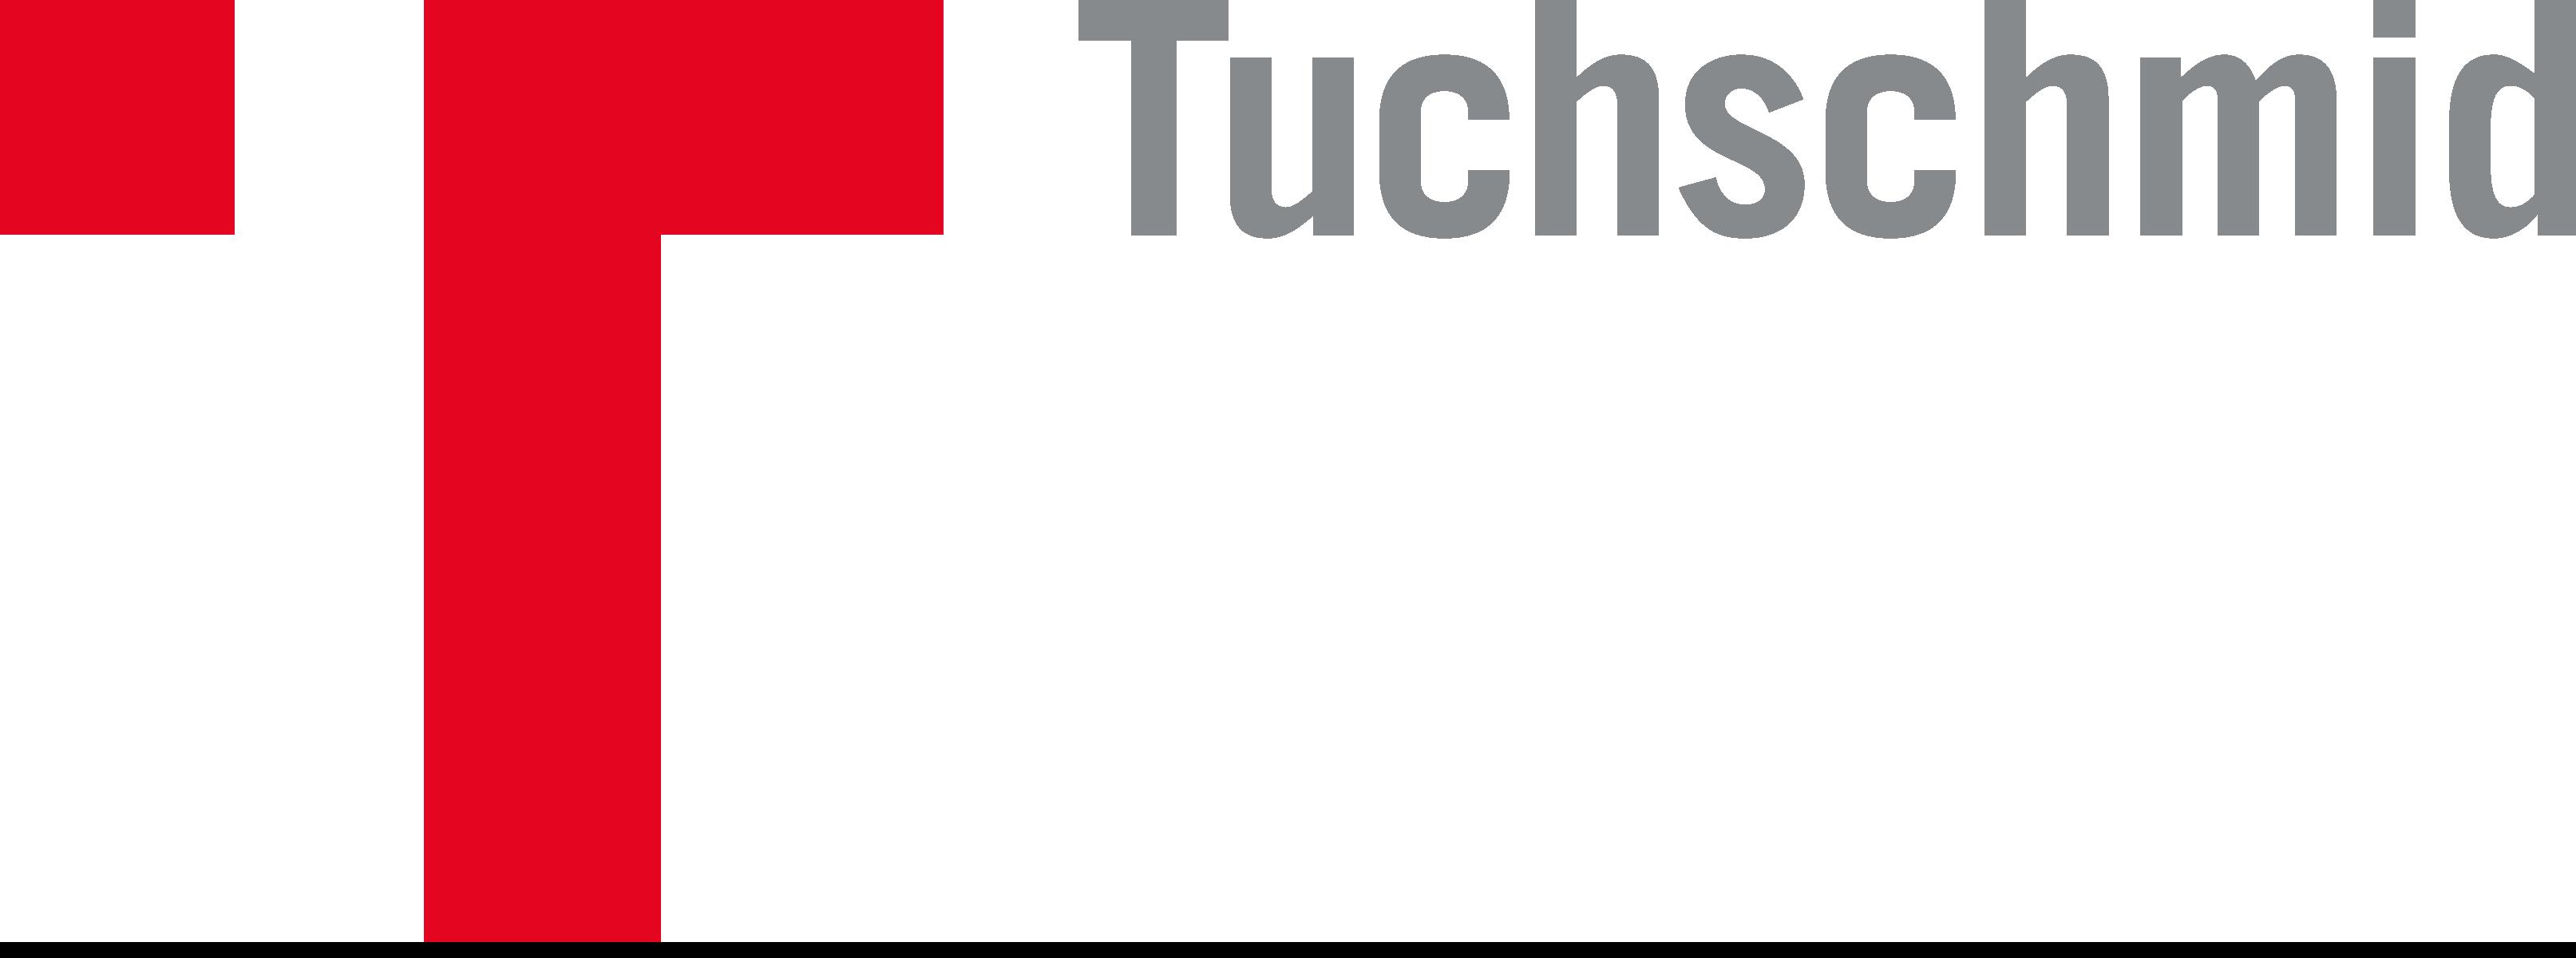 Tuchschmid AG